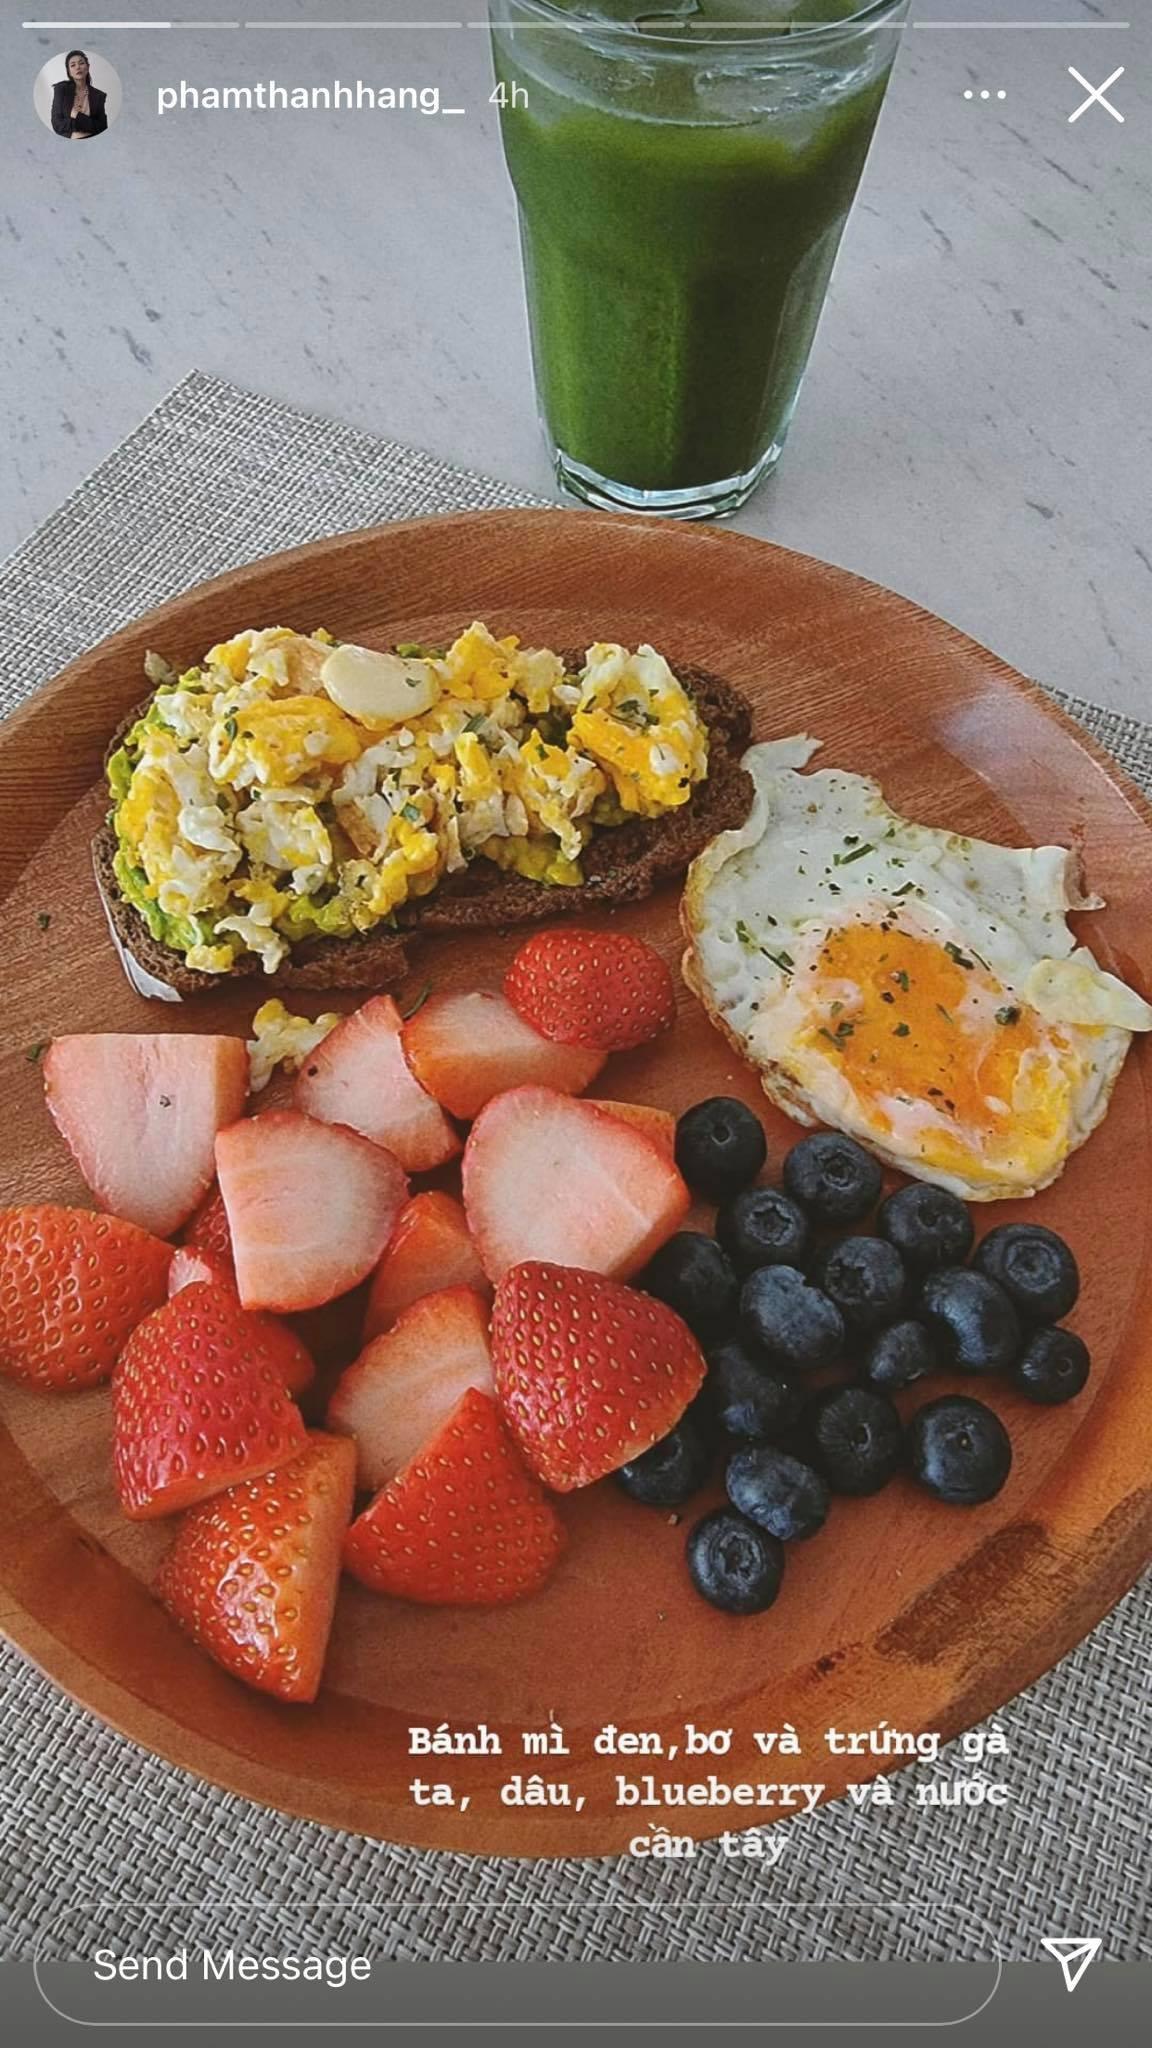 Thời gian lý tưởng để uống nước ép cần tây là buổi sáng khi bụng còn rỗng, trước bữa ăn đầu tiên trong ngày khoảng 30 phút.